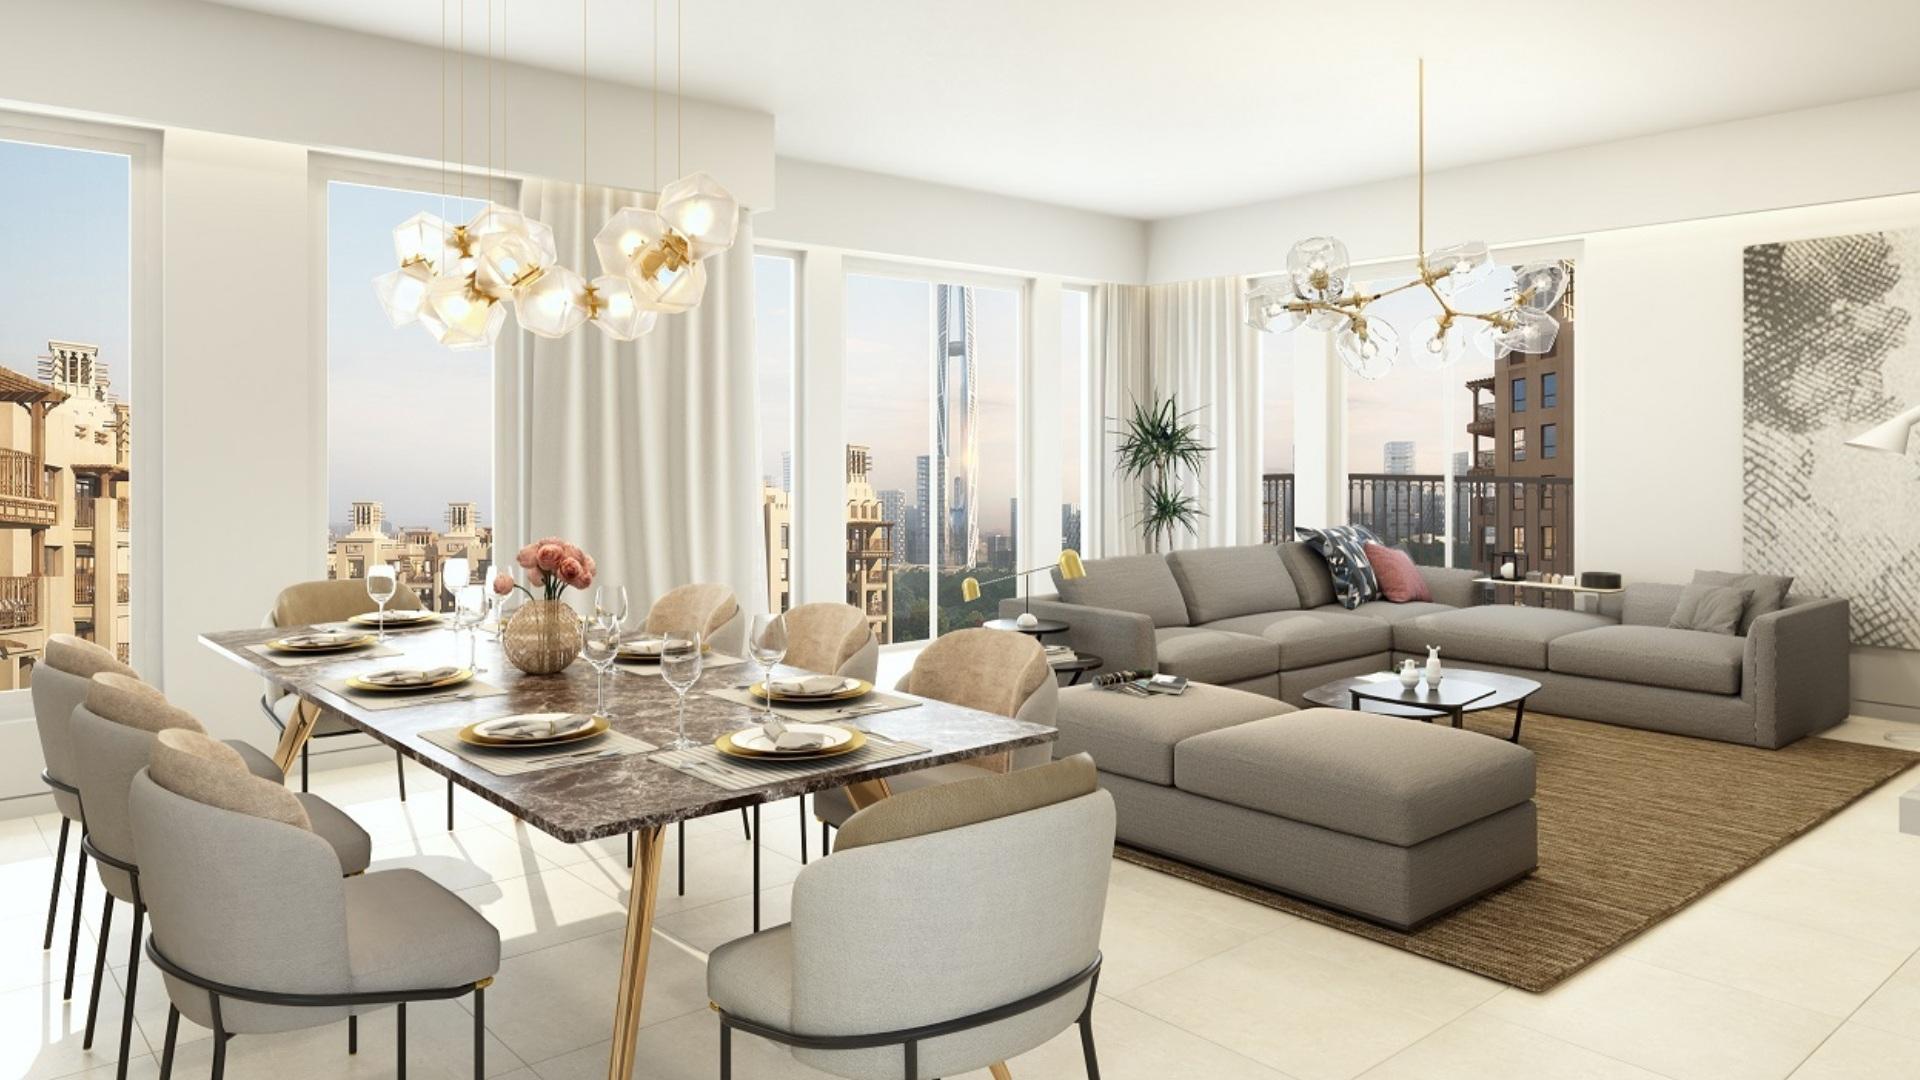 Apartamento en venta en Dubai, EAU, 4 dormitorios, 284 m2, № 24262 – foto 1